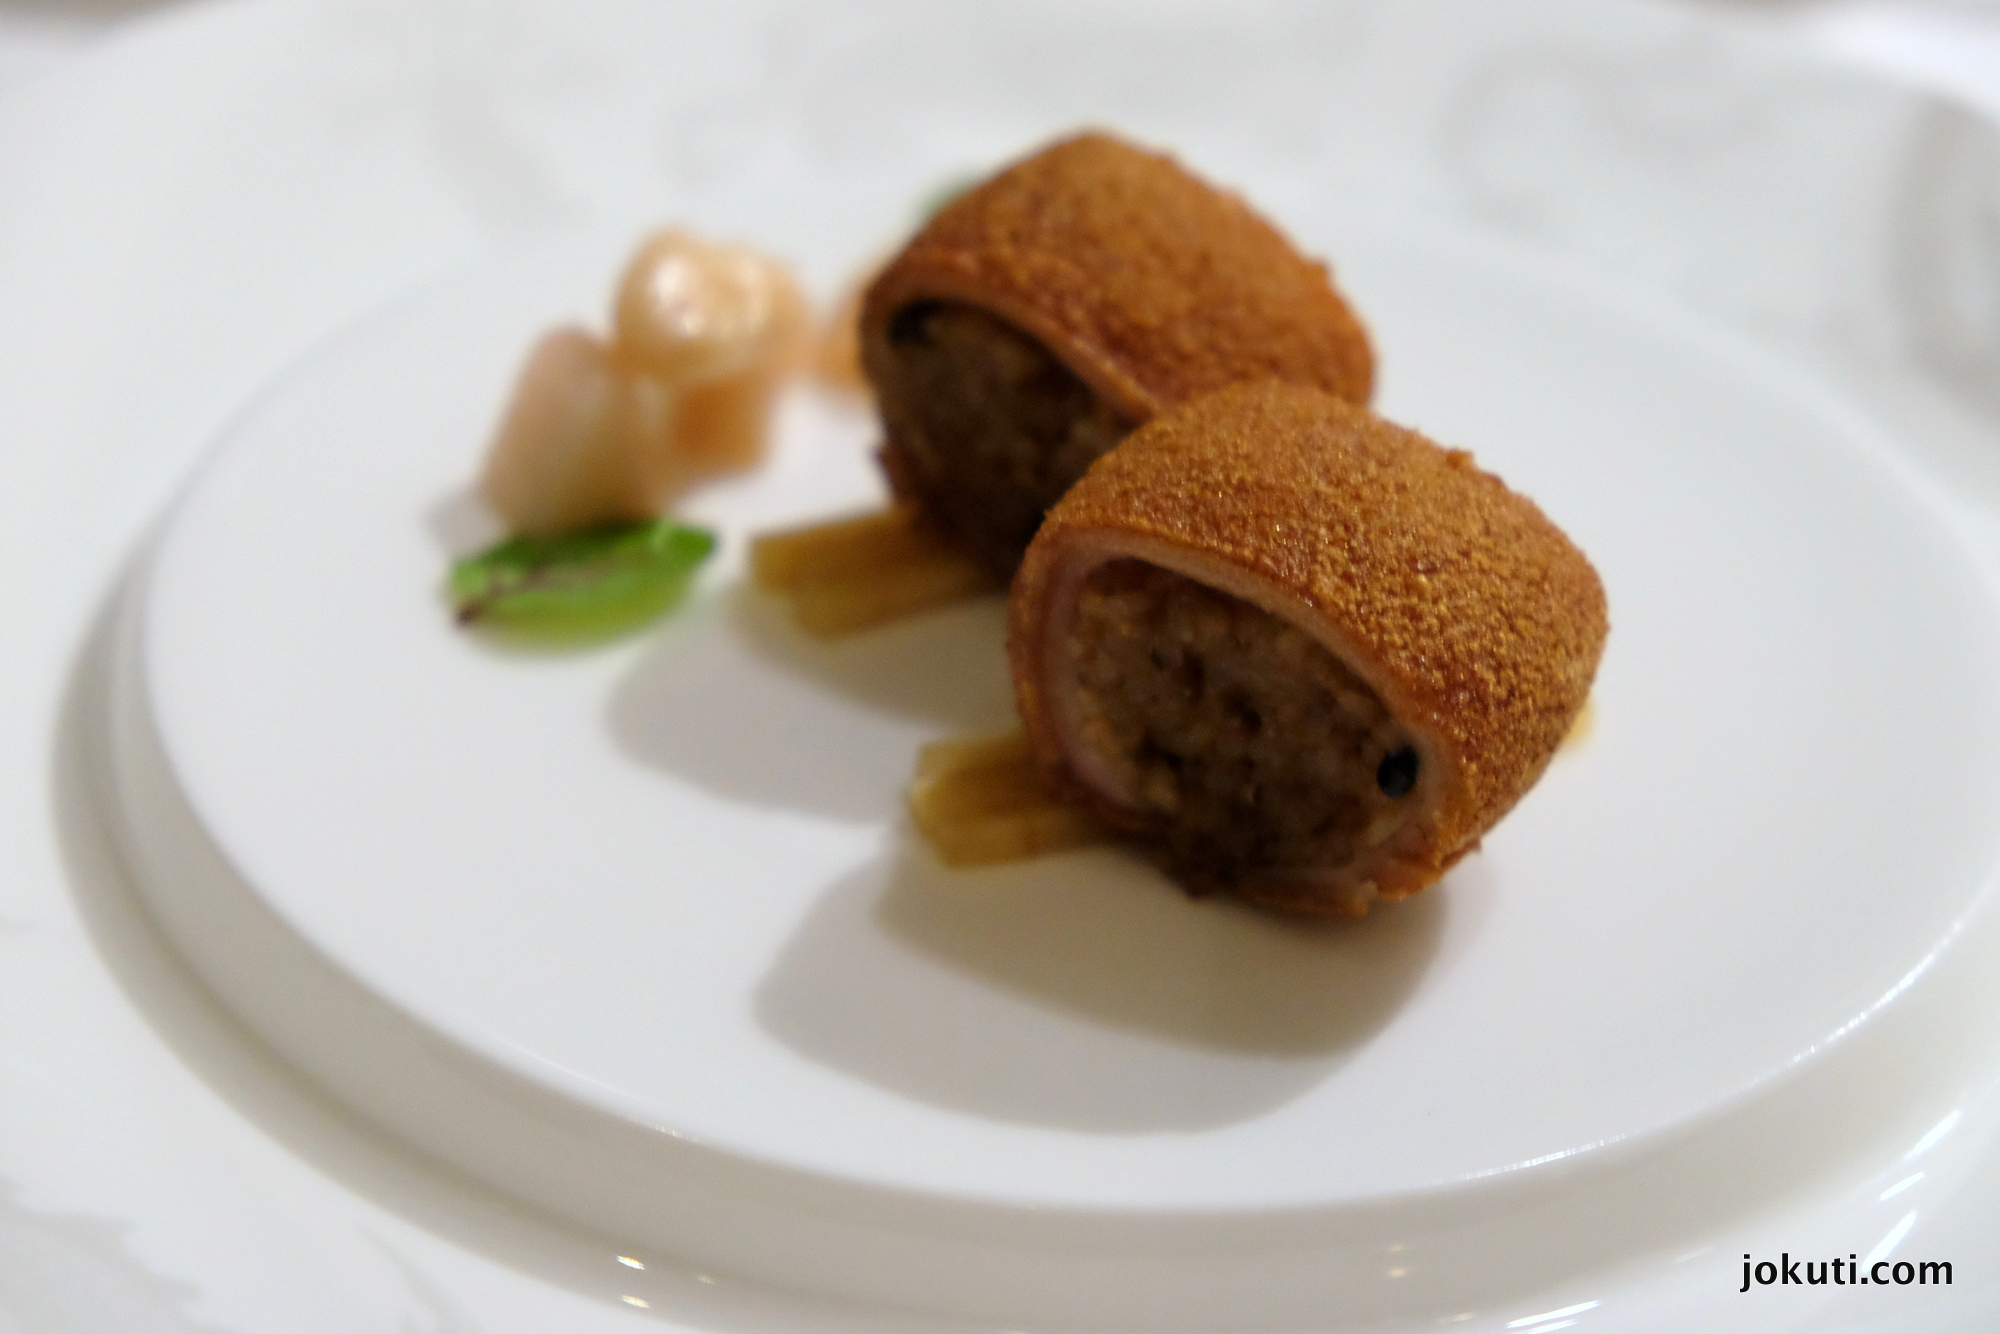 dscf6928_jade_dragon_restaurant_cantonese_chinese_michelin_macau_makao_china_kinai_vilagevo_jokuti.jpg